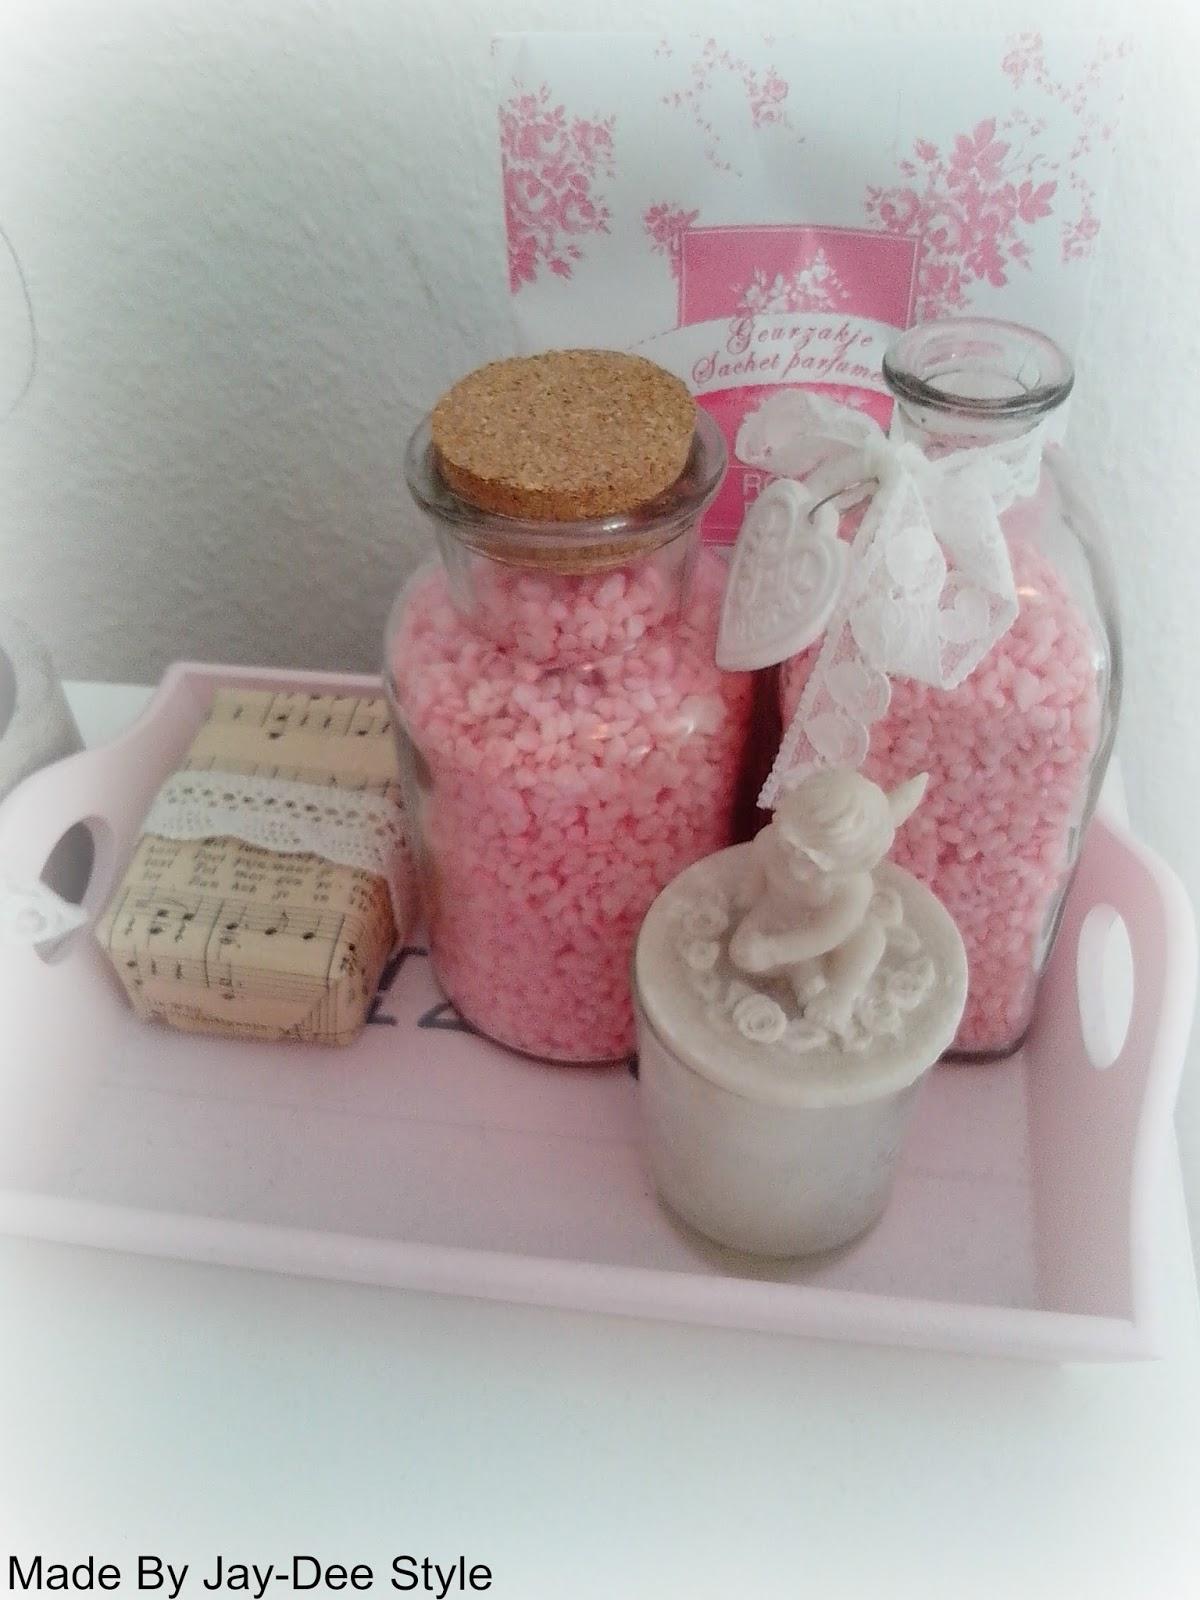 Jay dee style nieuw decoratie slaapkamer - Decoratie roze kamer ...